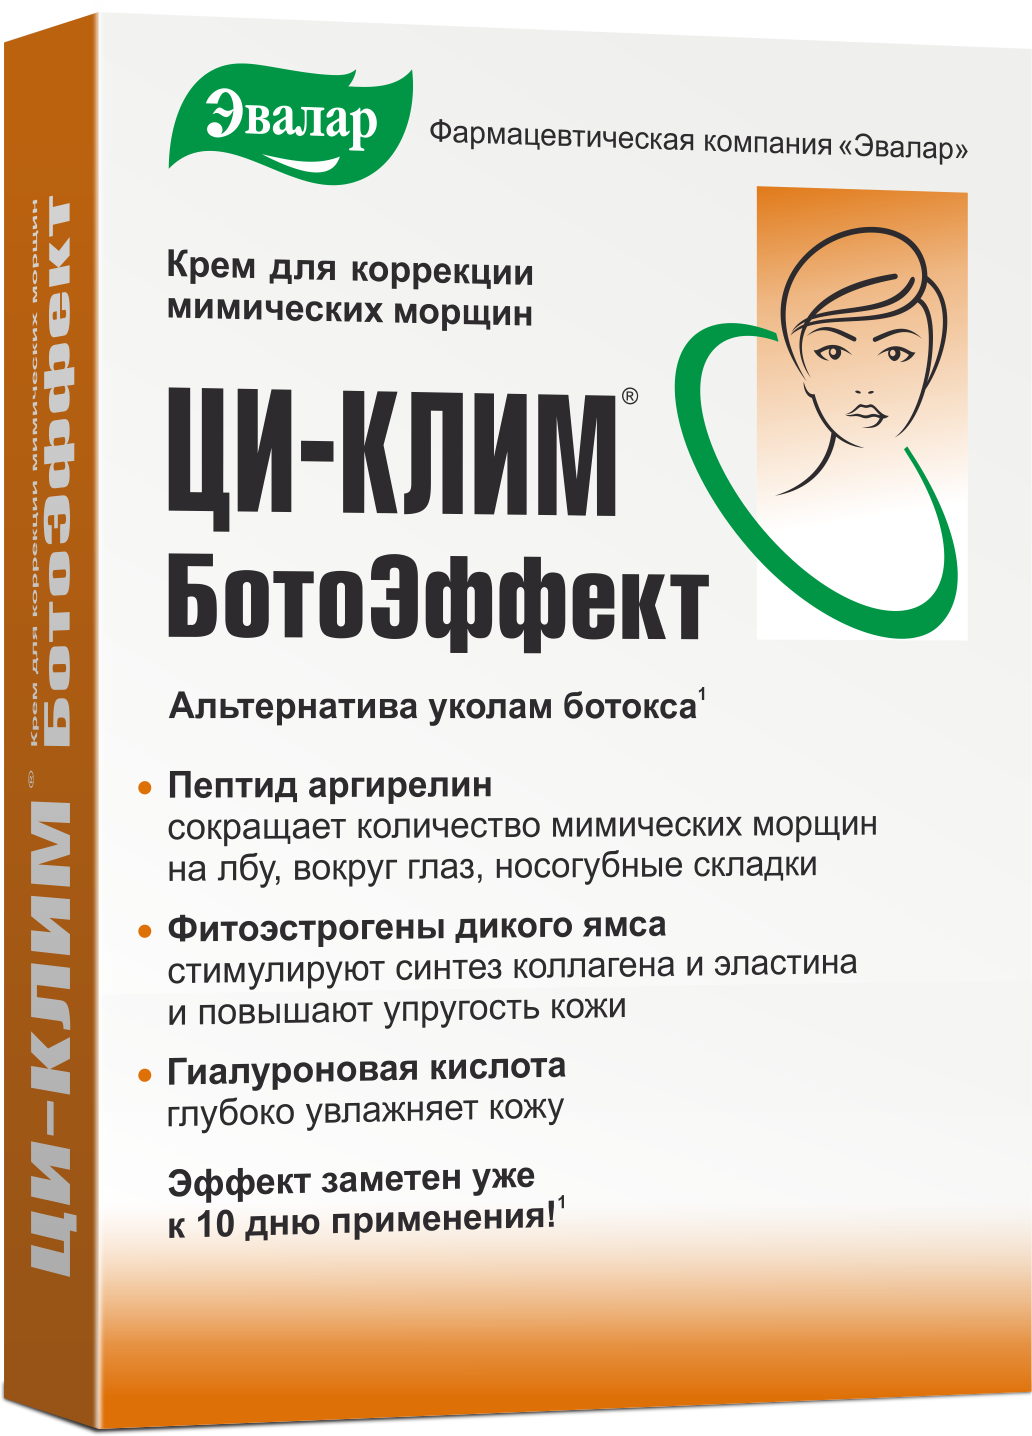 Крем «БотоЭффект», 15 гр, Ци-Клим фото